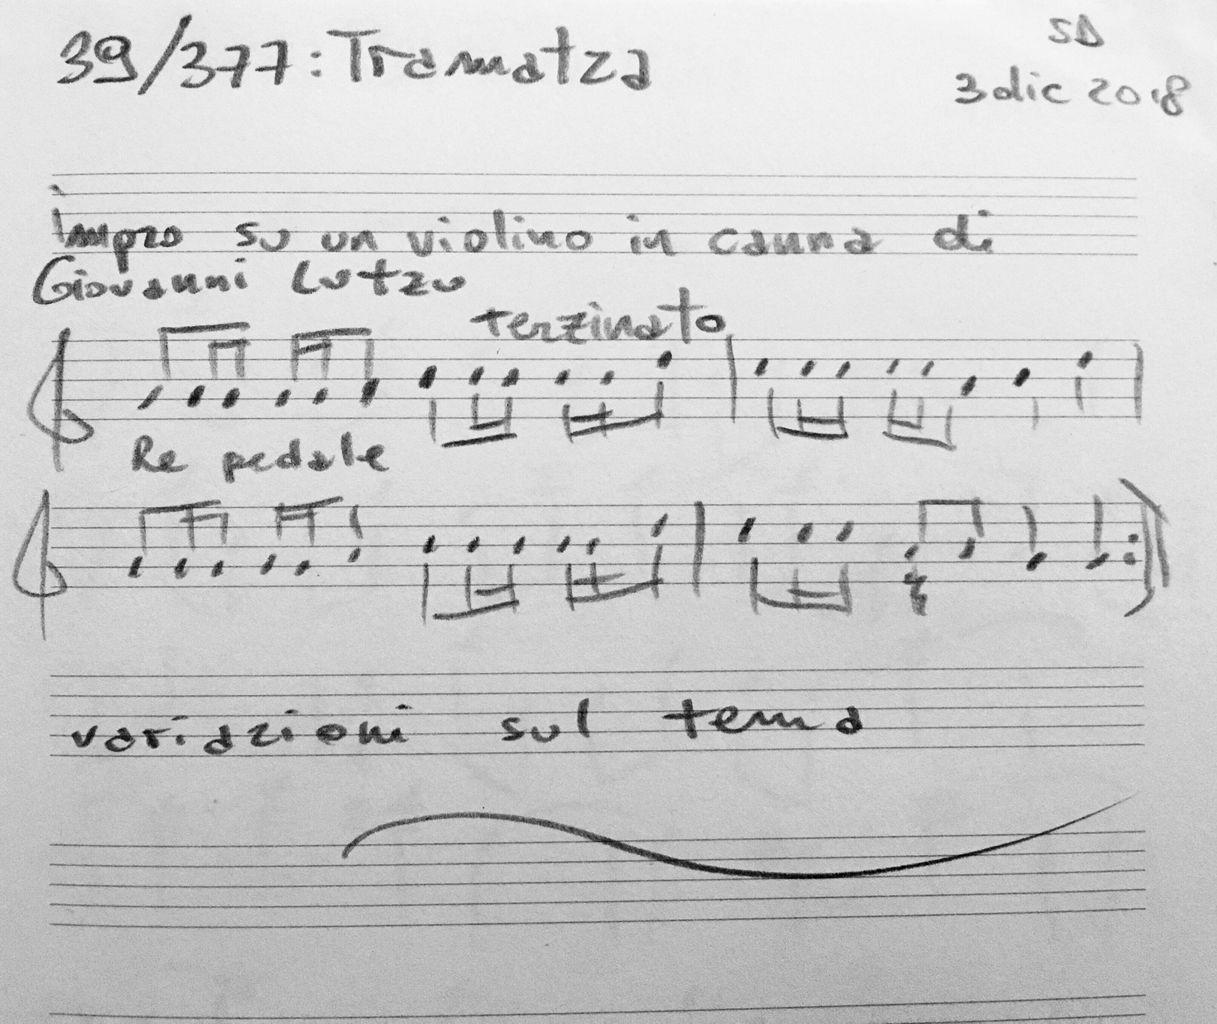 039-Tramatza-score